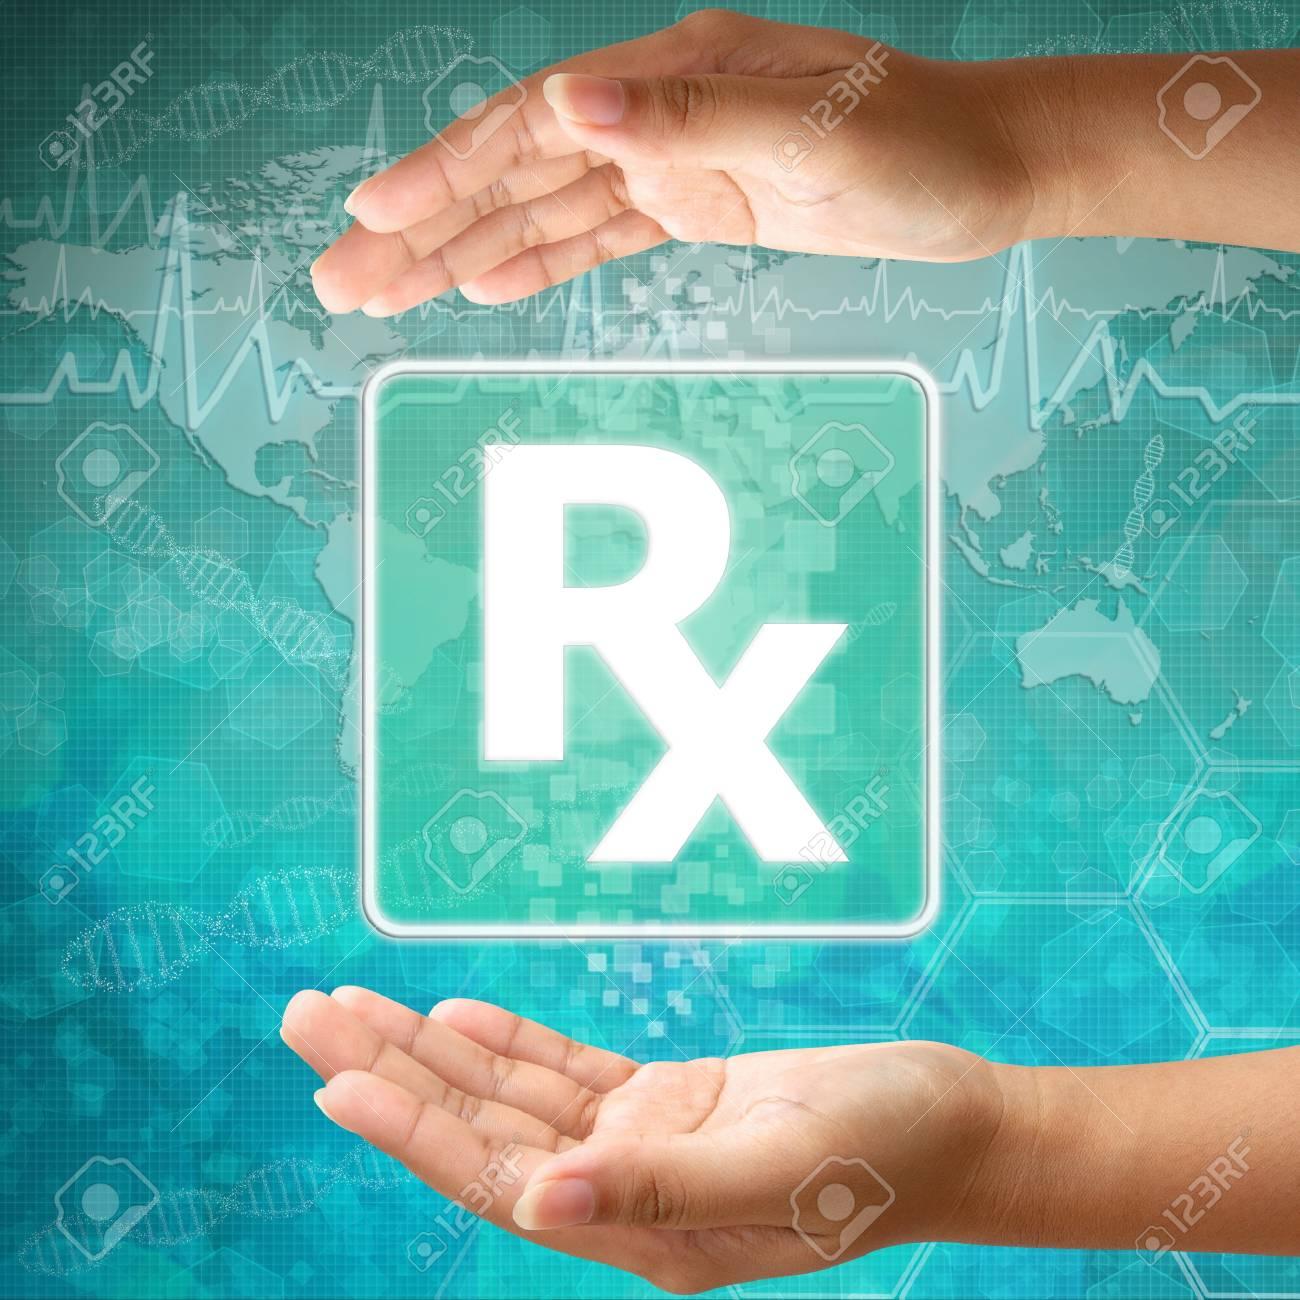 Medical icon Prescription in hand Stock Photo - 18122170